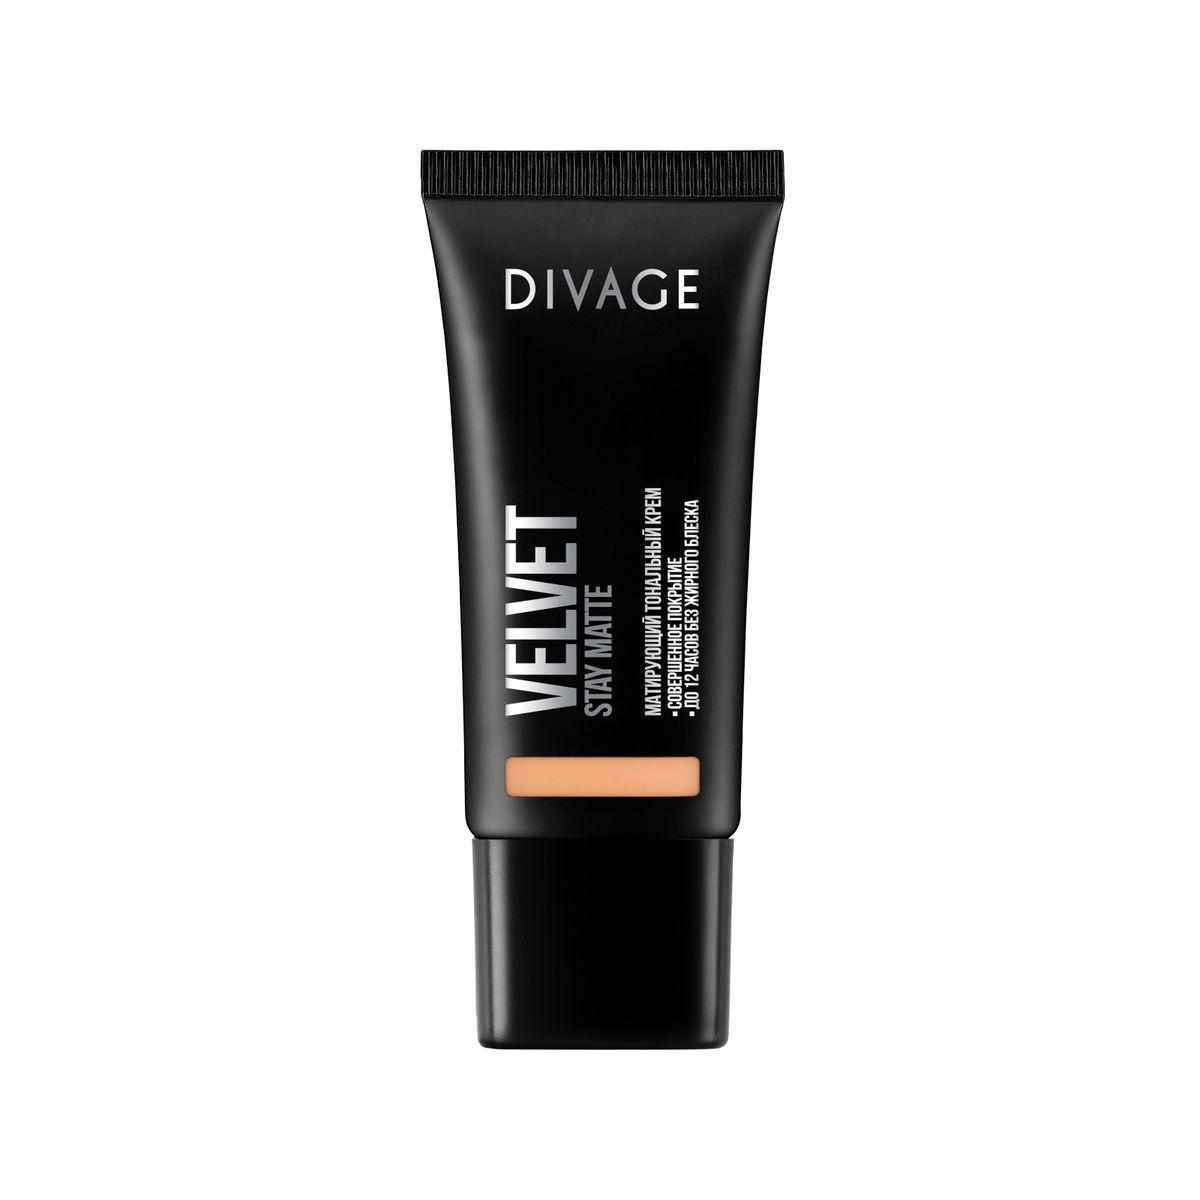 DIVAGE Тональный крем VELVET, тон № 04, 30 мл219654Нежная кремовая текстура обладает тройным действием. Микропигменты идеально выравнивают кожу, маскируя любые недостатки, и создают идеально ровный тон лица, придавая коже бархатное сияние. Витамин Е защищает кожу от вредного воздействия окружающей среды. Экстракт зеленого чая, входящий в состав формулы, сужает поры и придаёт дополнительную матовость коже лица. Тональный крем держится до 12 часов, сохраняя кожу ровной и гладкой без жирного блеска.